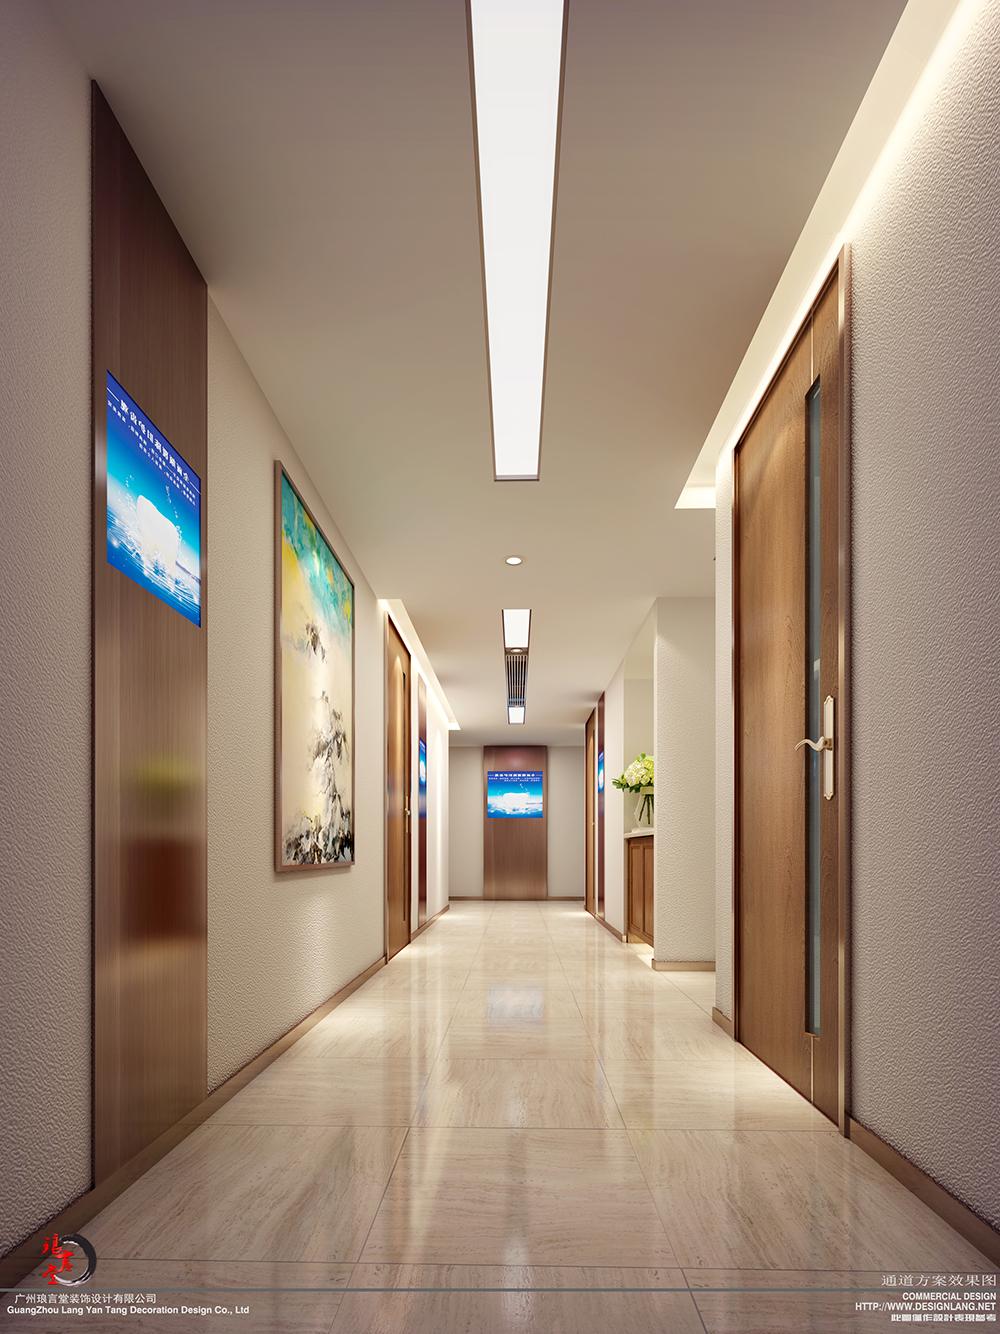 口腔医院绘制效果图v汽车以及汽车牙科装饰设计手工装修医院效果图图片